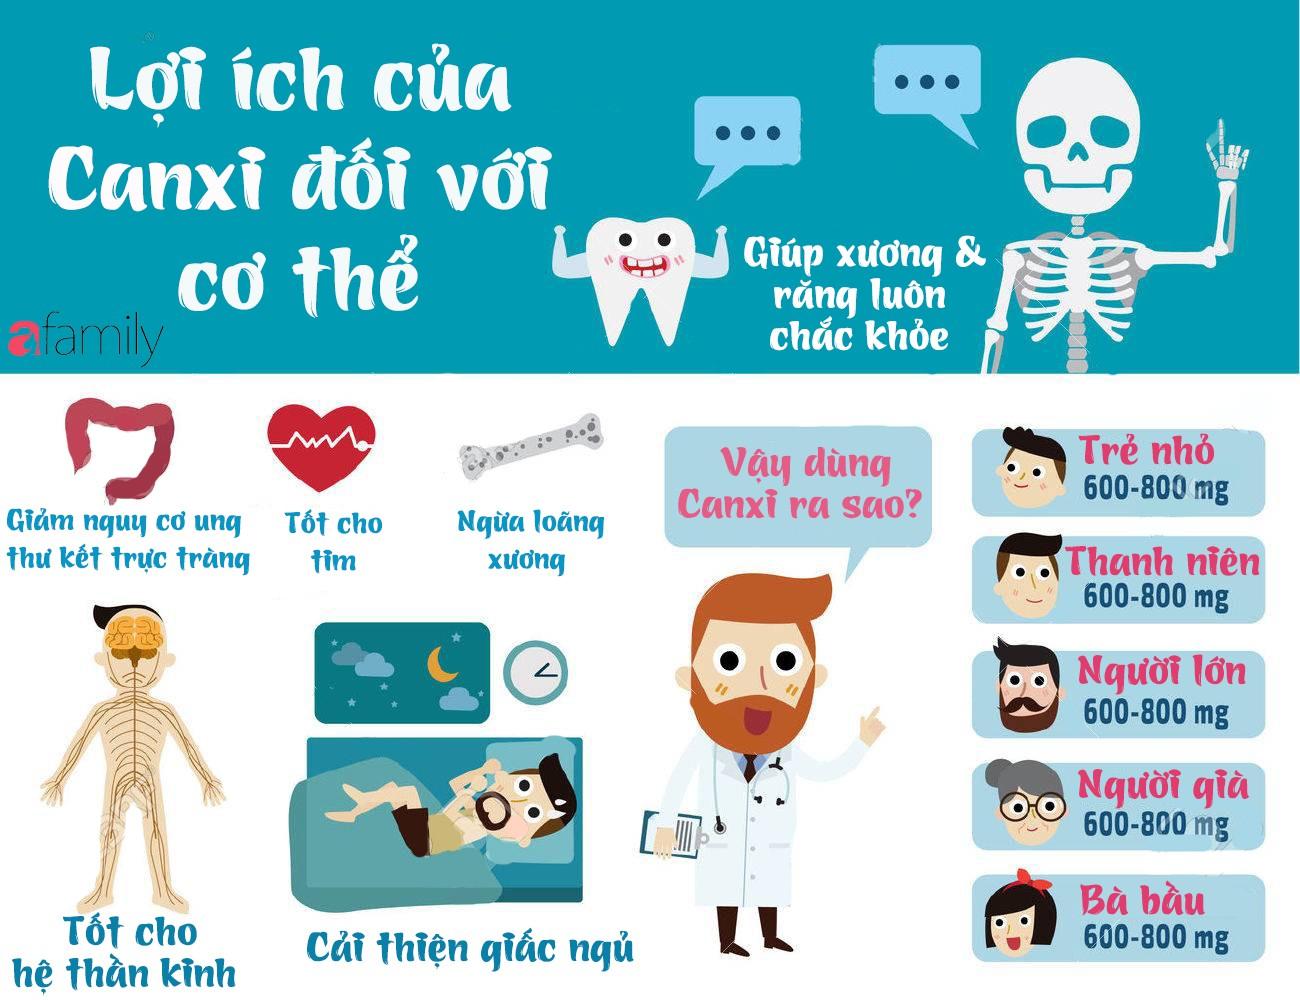 11 dấu hiệu trẻ thiếu Canxi và cách chăm sóc đơn giản, hợp lý